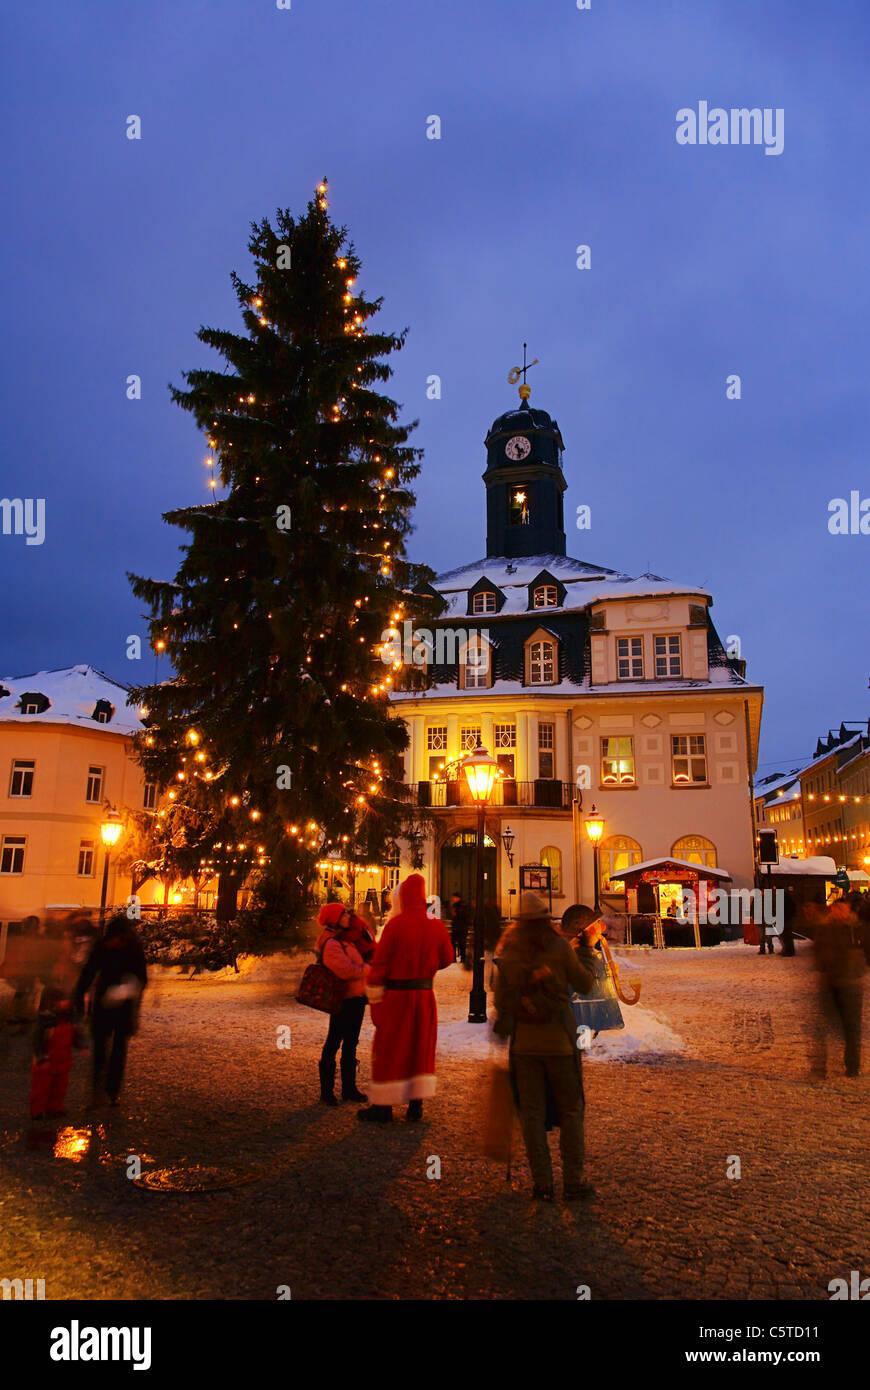 Weihnachtsmarkt Schwarzenberg.Schwarzenberg Weihnachtsmarkt Schwarzenberg Hristmas Markt 01